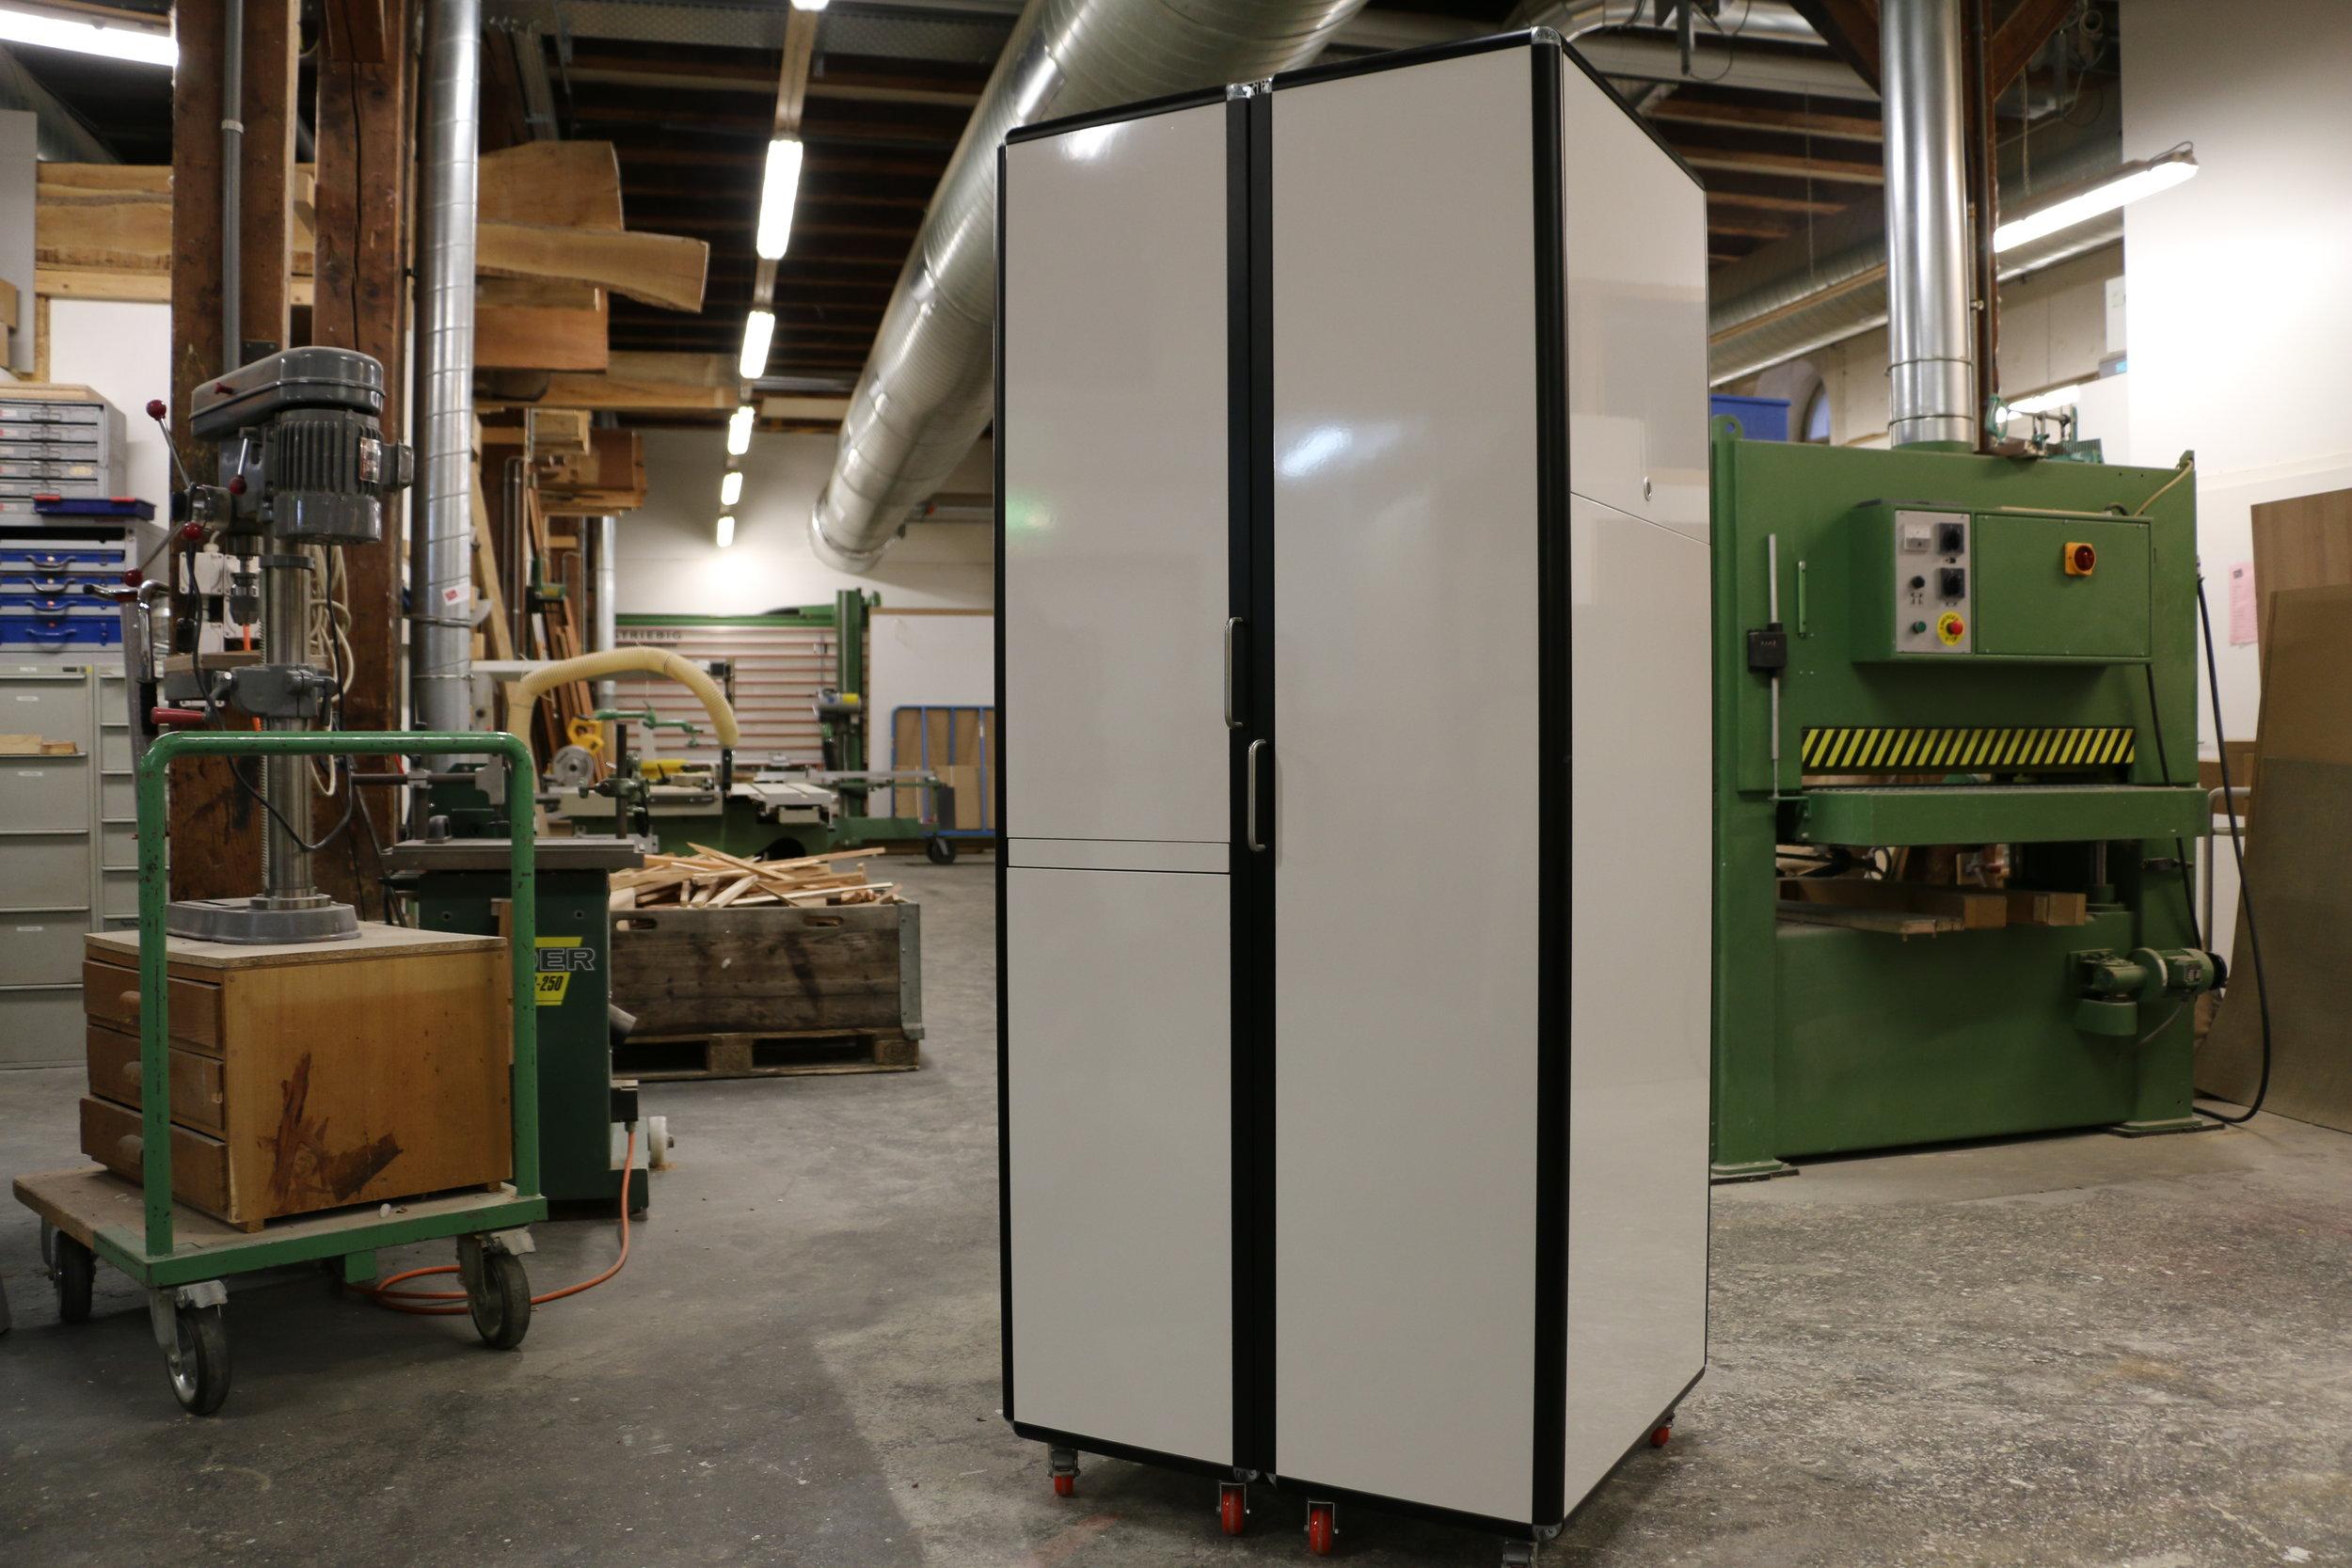 ETH Prototypingcube - Dieser Schrank entstand für und mit der Produktentwicklungs-Abteilung der ETH für deren internen Anwendungen.Alurahmenkonstruktion auf Rollen mit magnetischer Whiteboard-Oberfläche. Innenleben Buche.